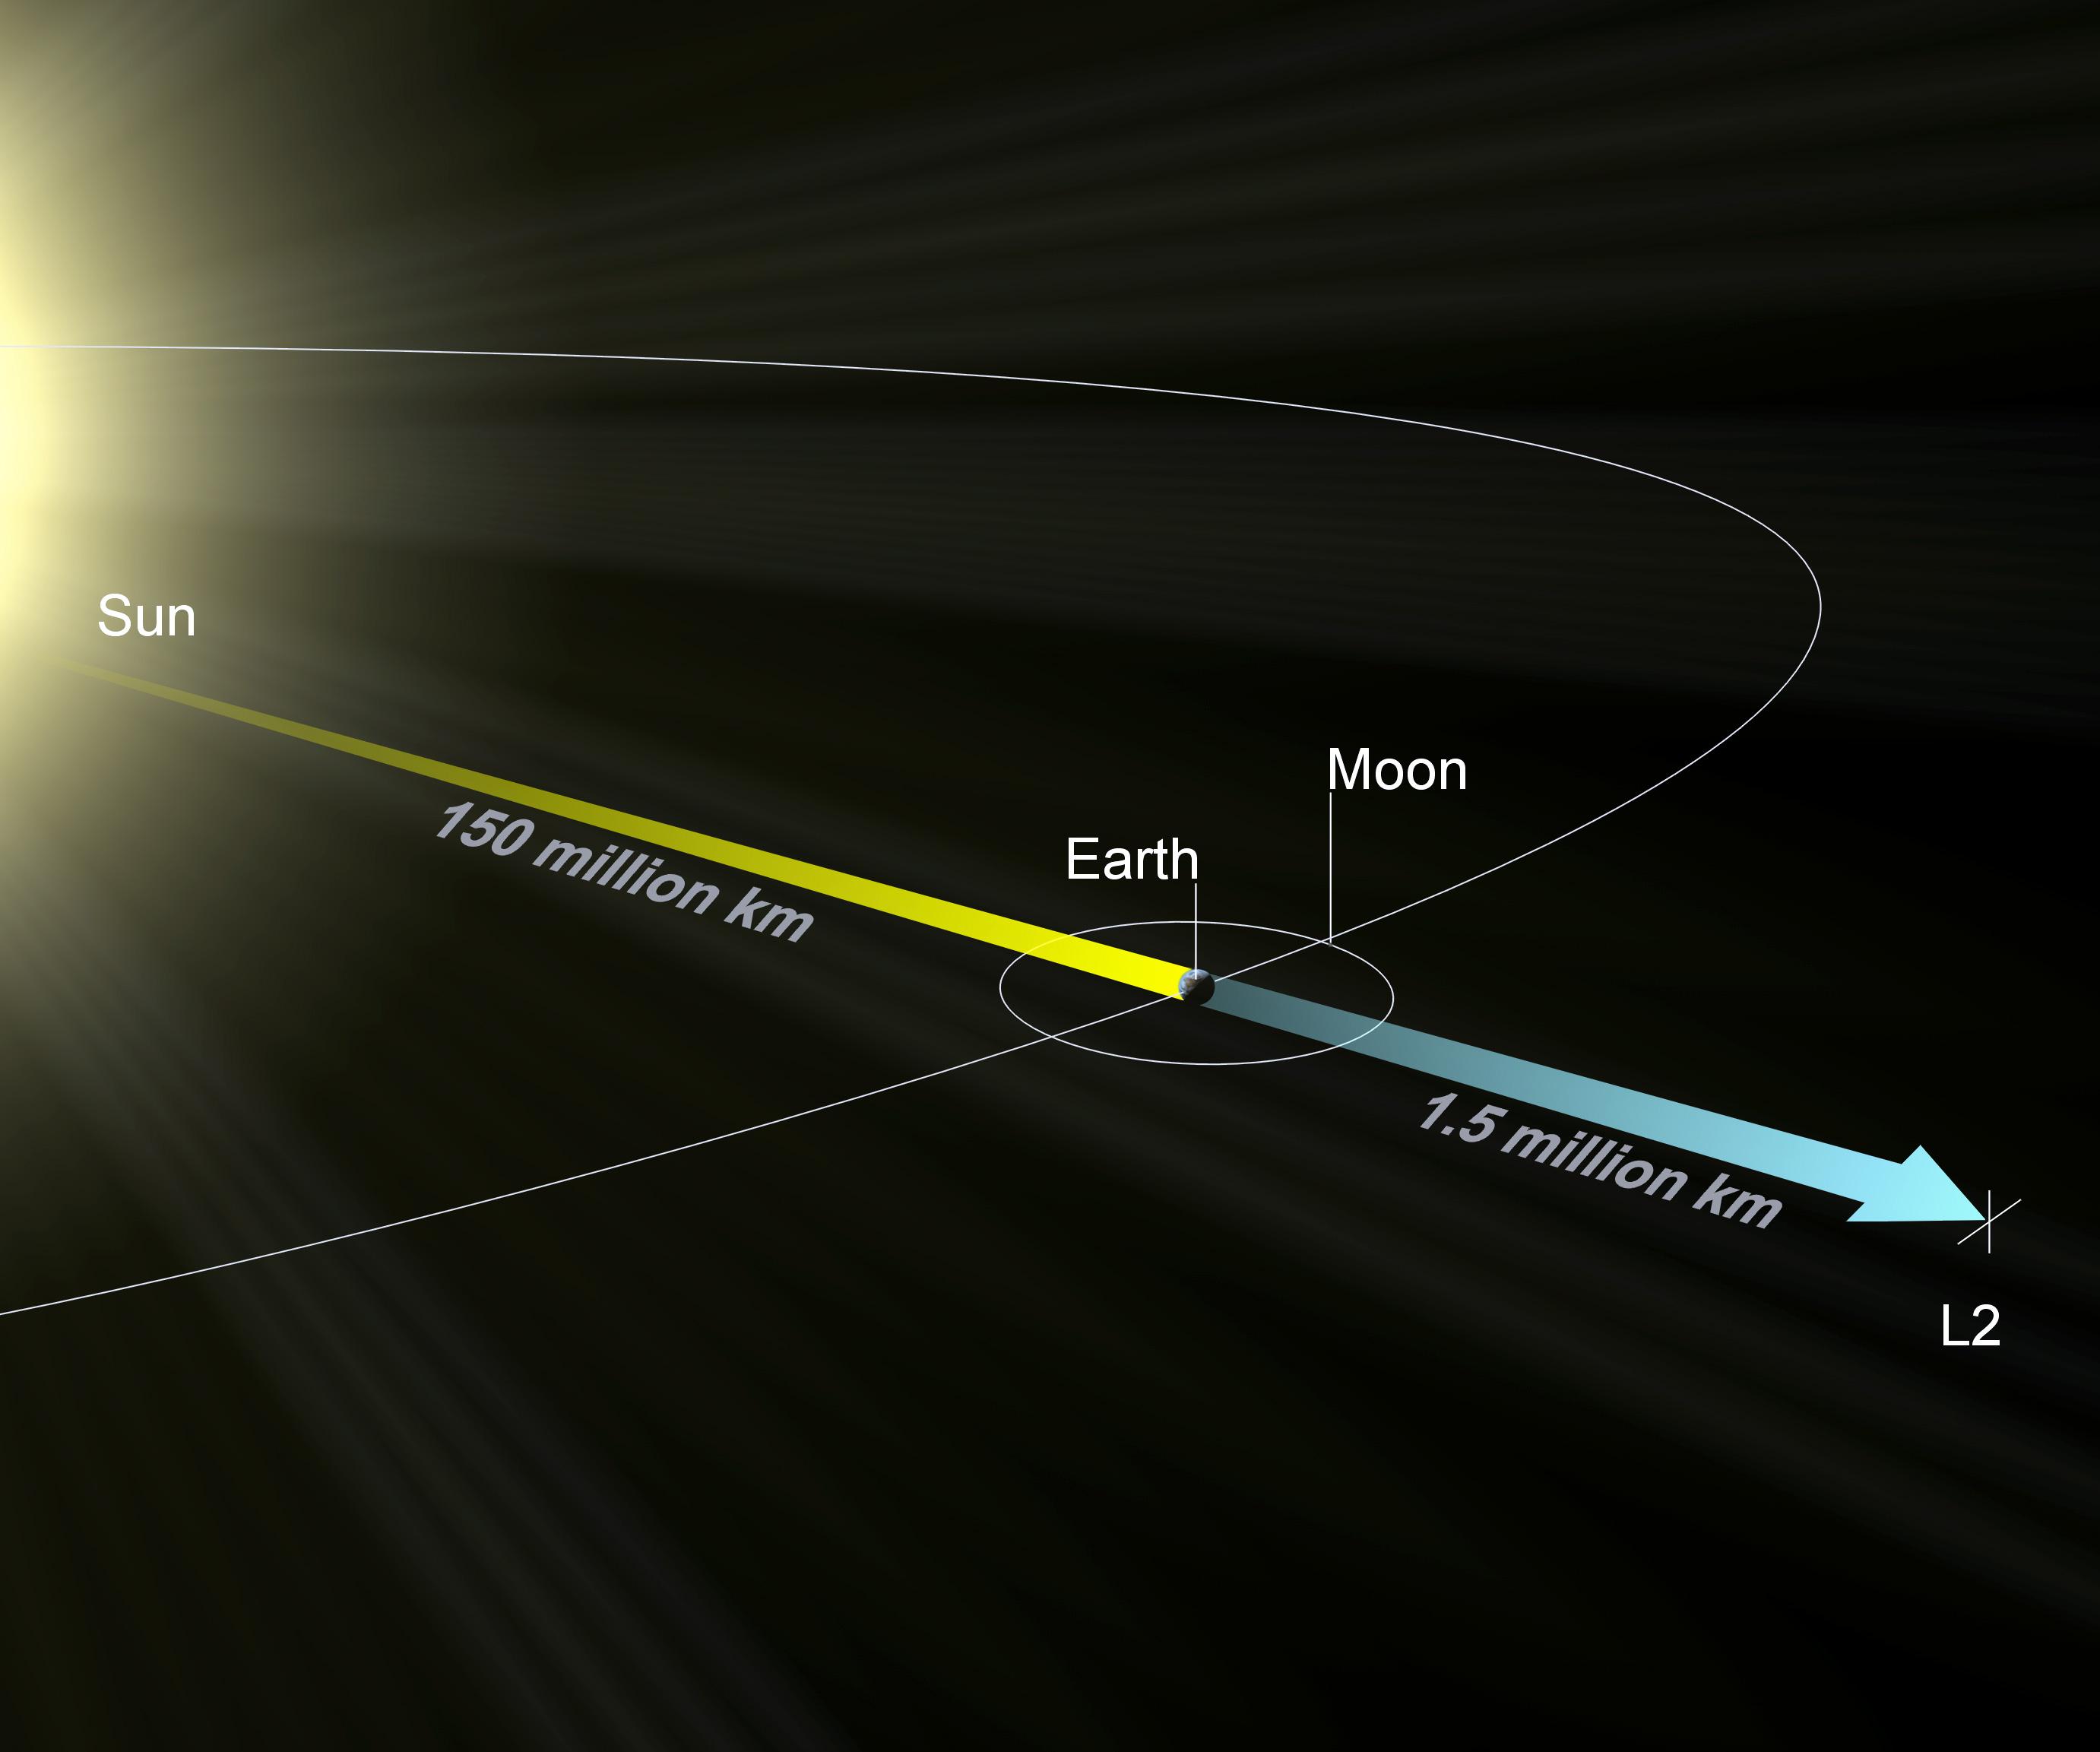 Ilustração do ponto de Lagrange L2, que fica 4 vezes mais distante da Terra que a Lua